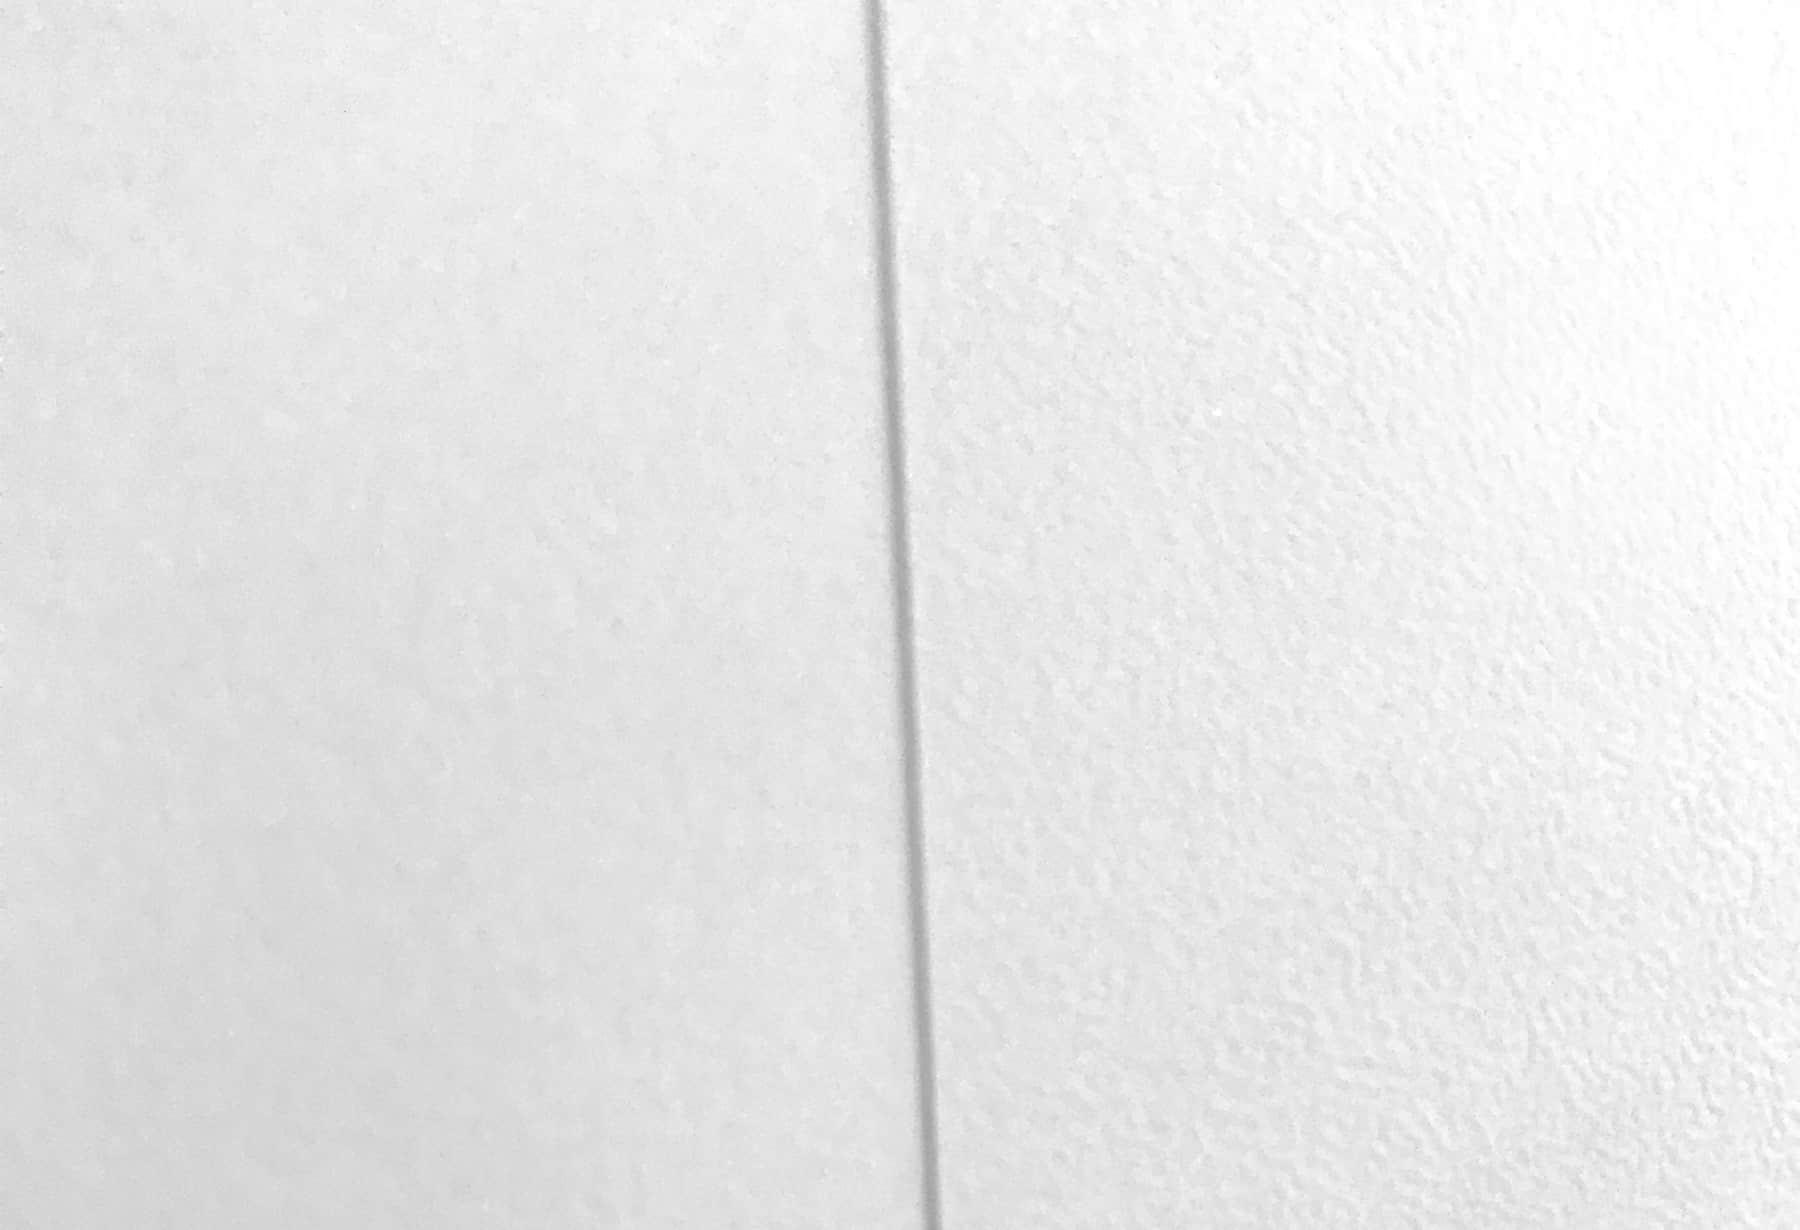 細紋紙顆粒紋路細節